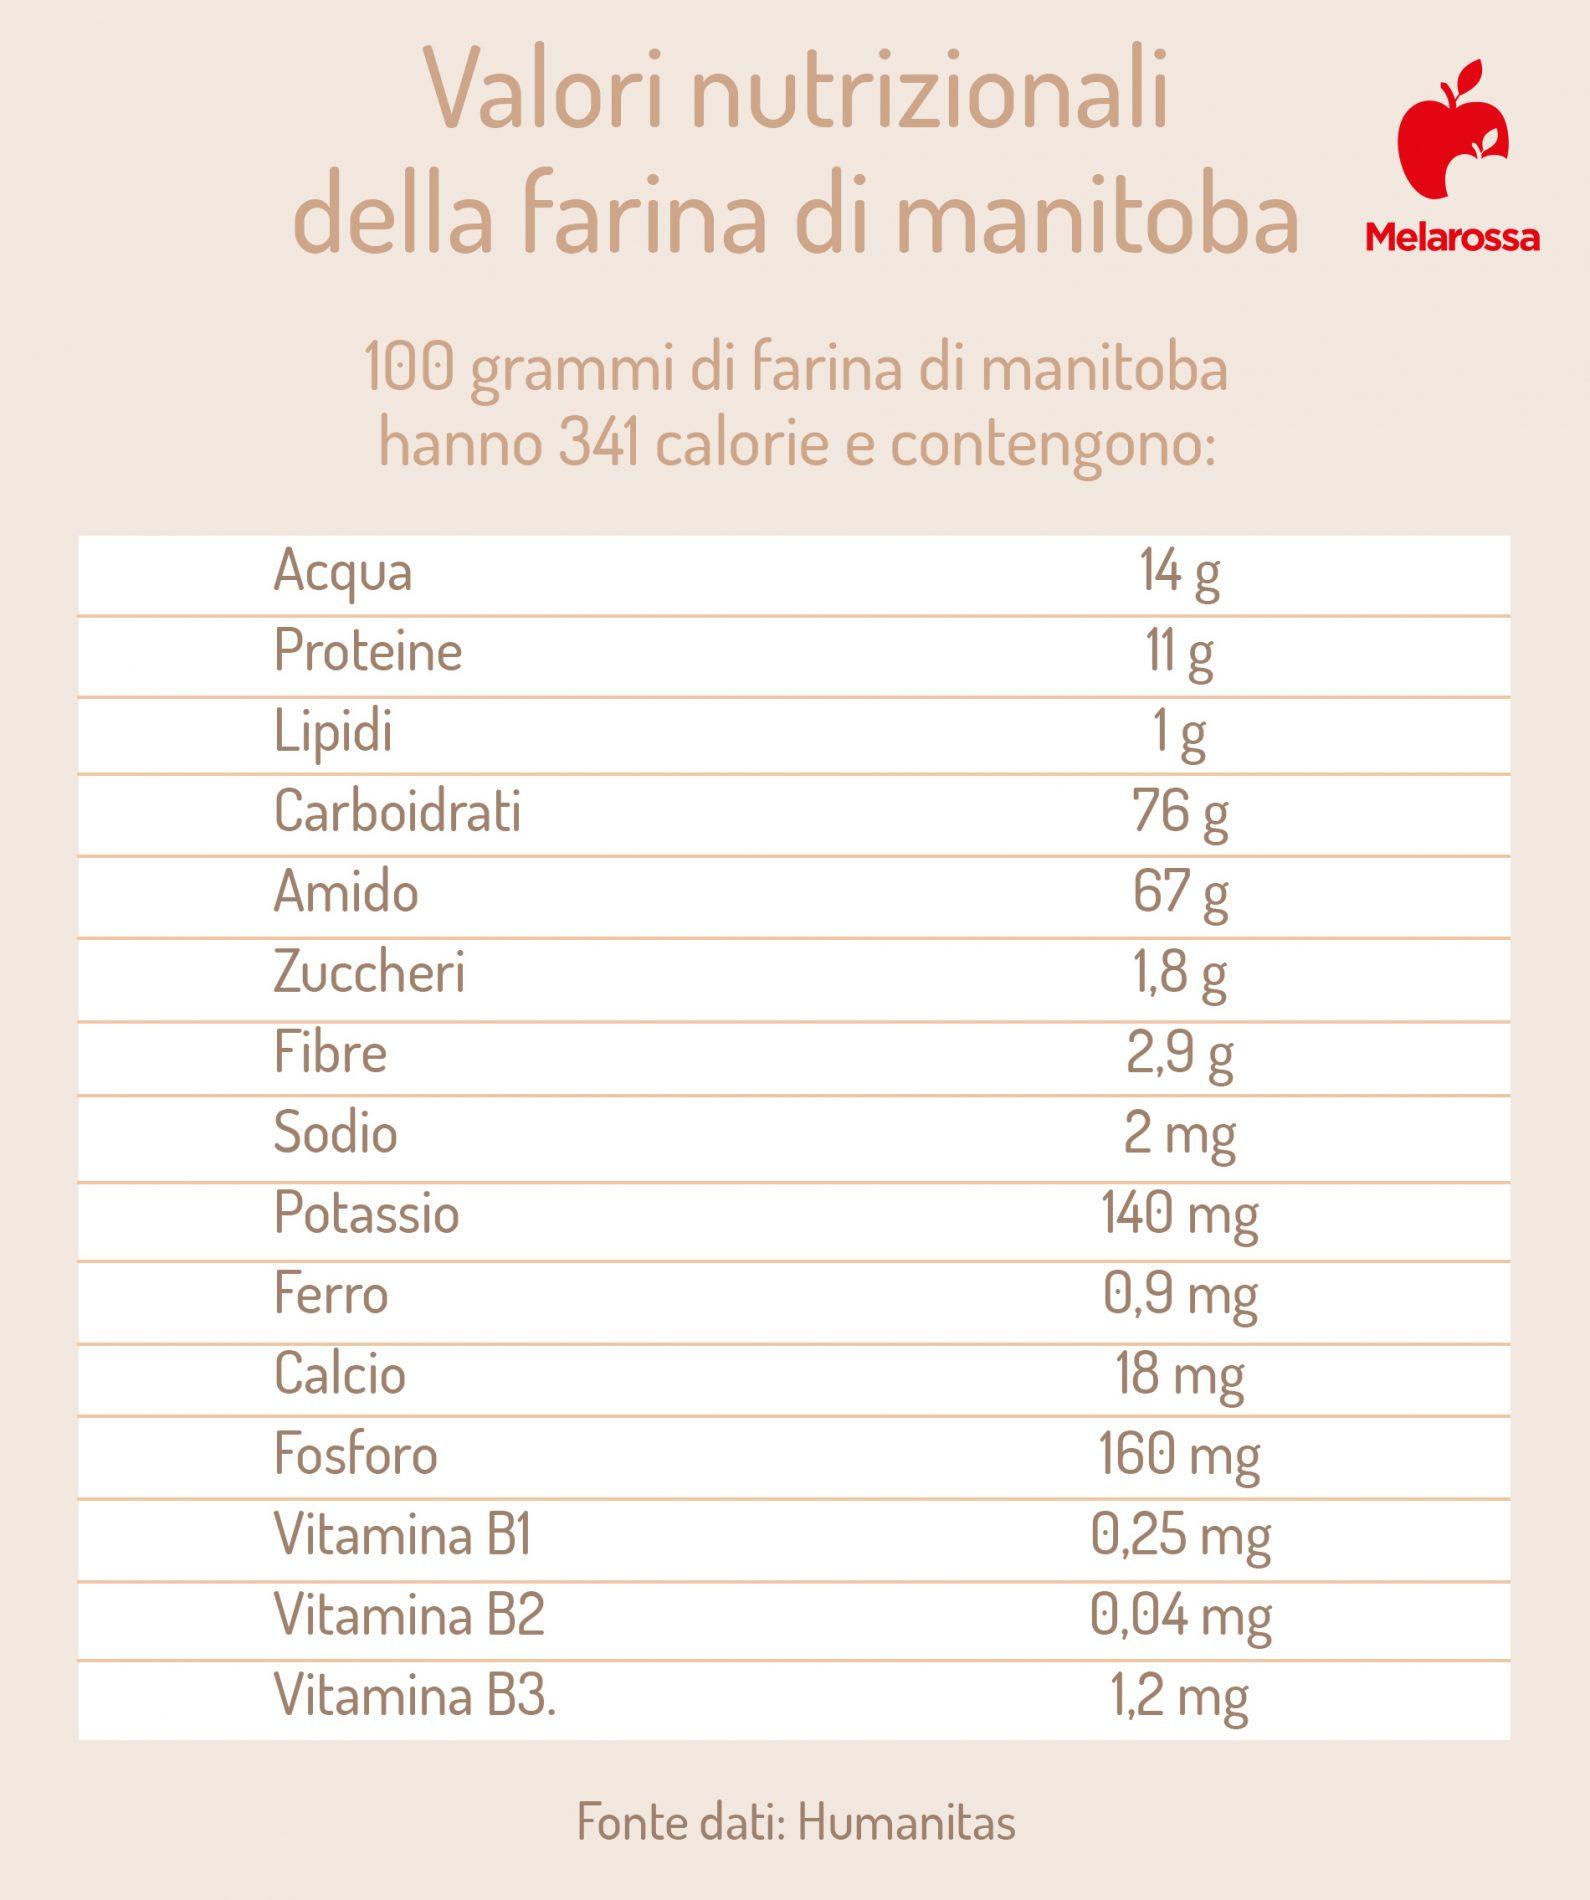 Farina di manitoba: valori nutrizionali